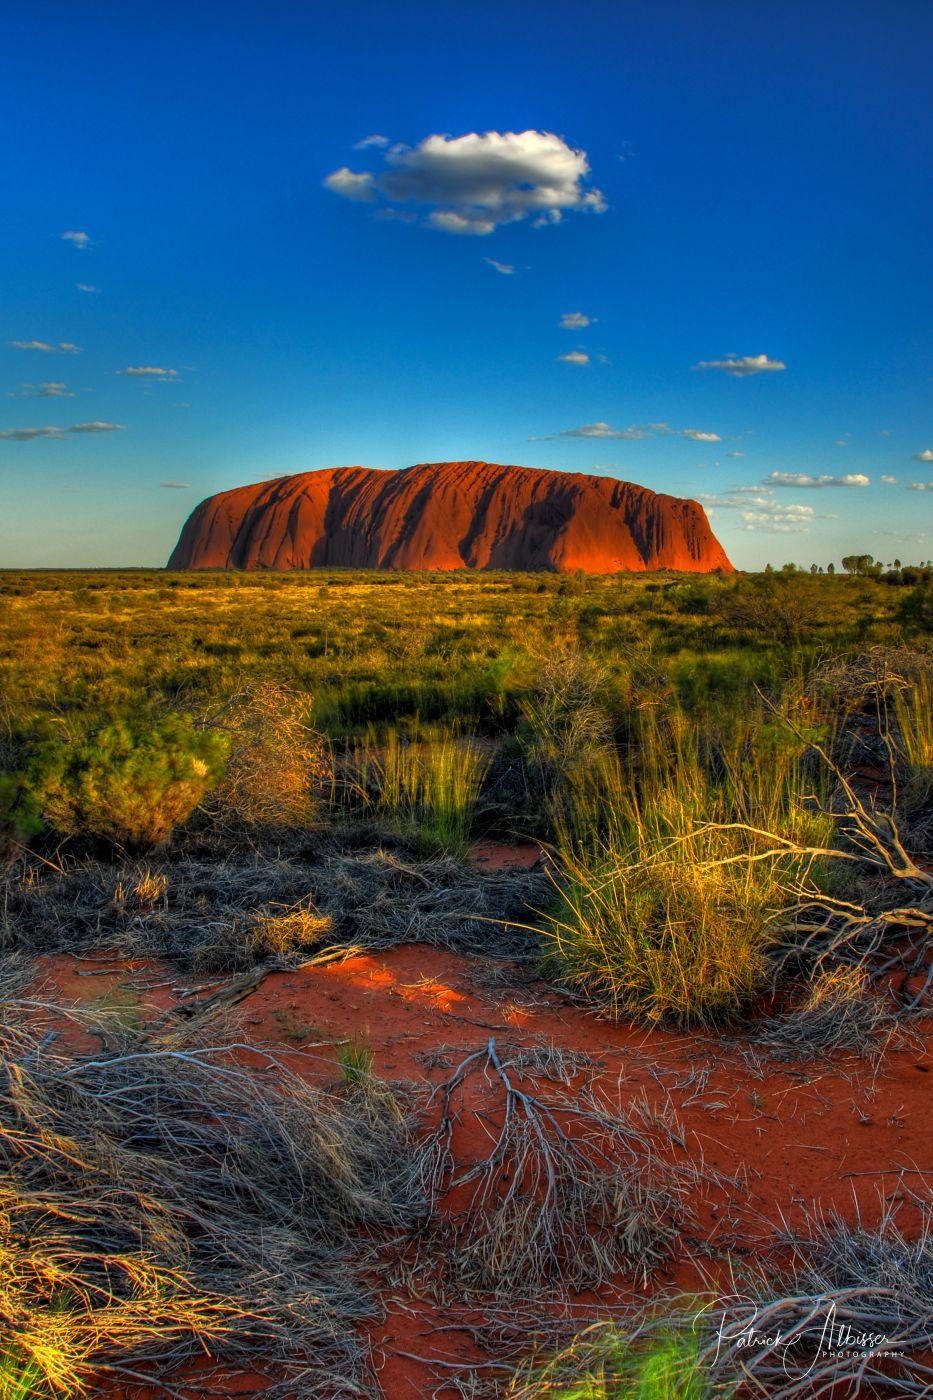 Uluṟu Kata Tjuta Nationalpark, Australia